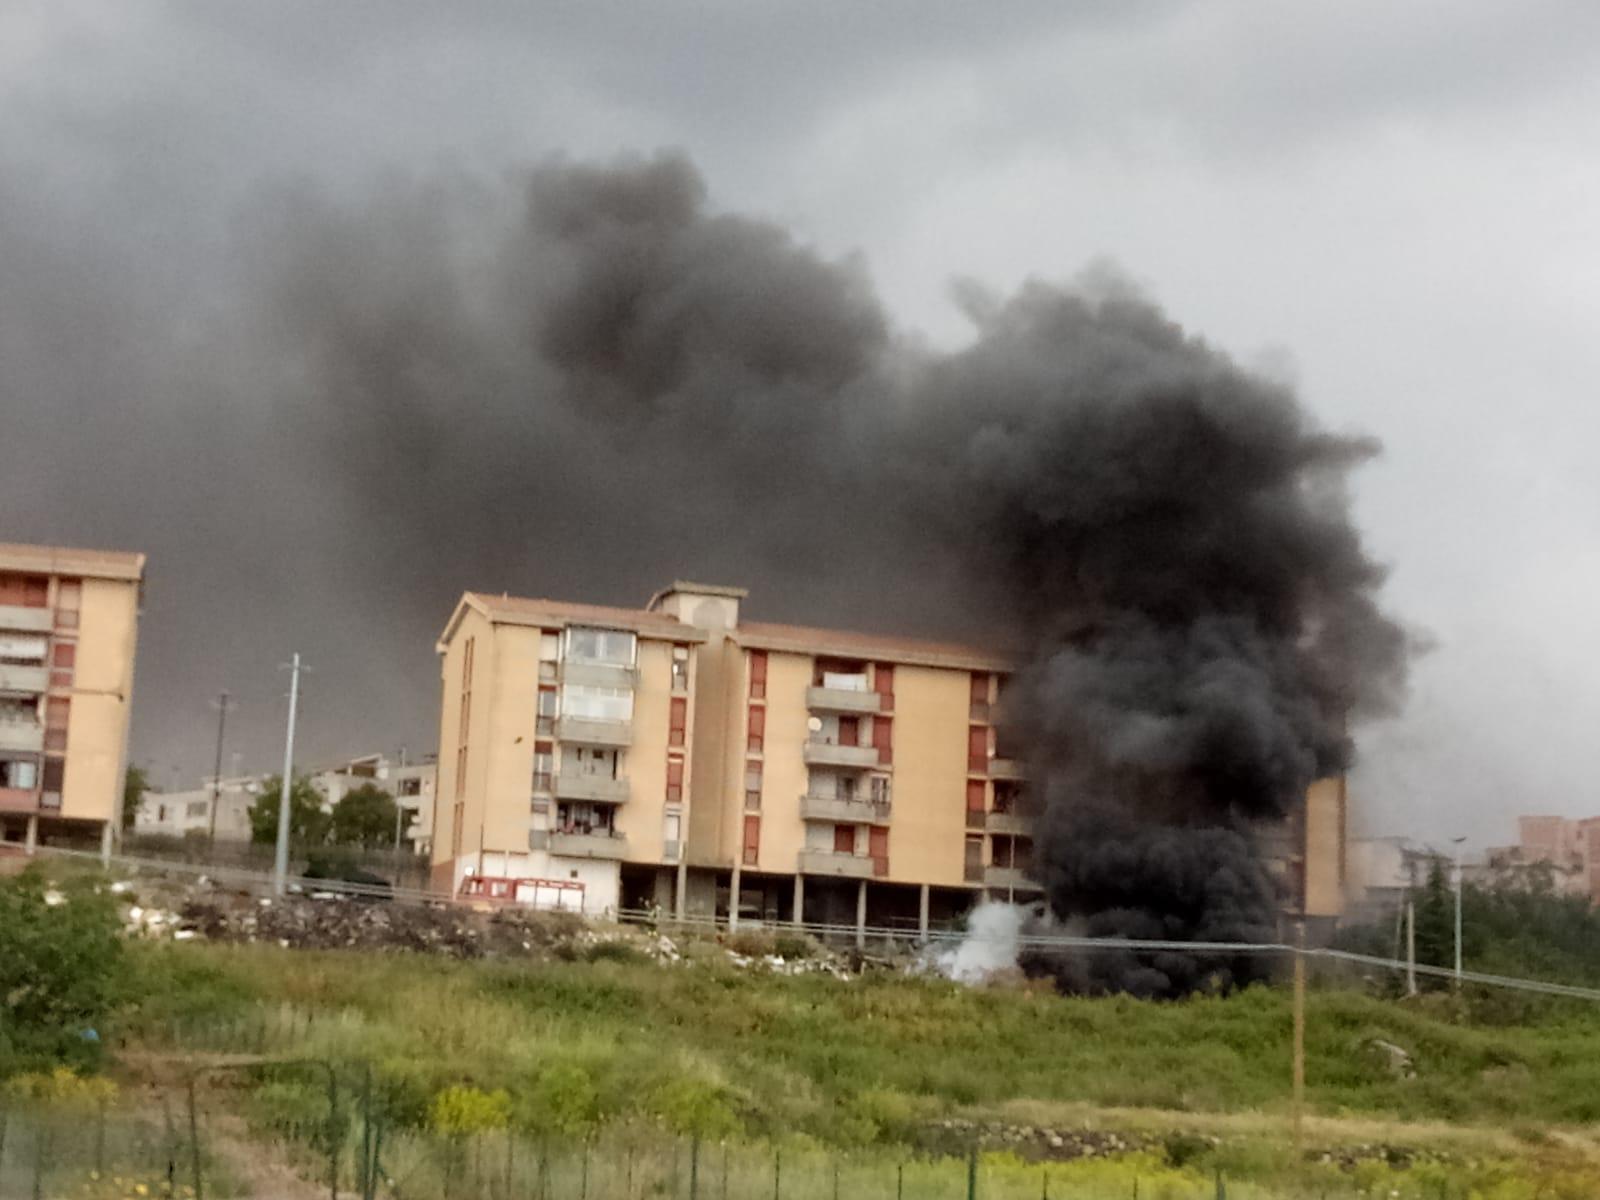 Adrano, un nuovo incendio vicino le case popolari, potrebbe trattarsi di un piromane?